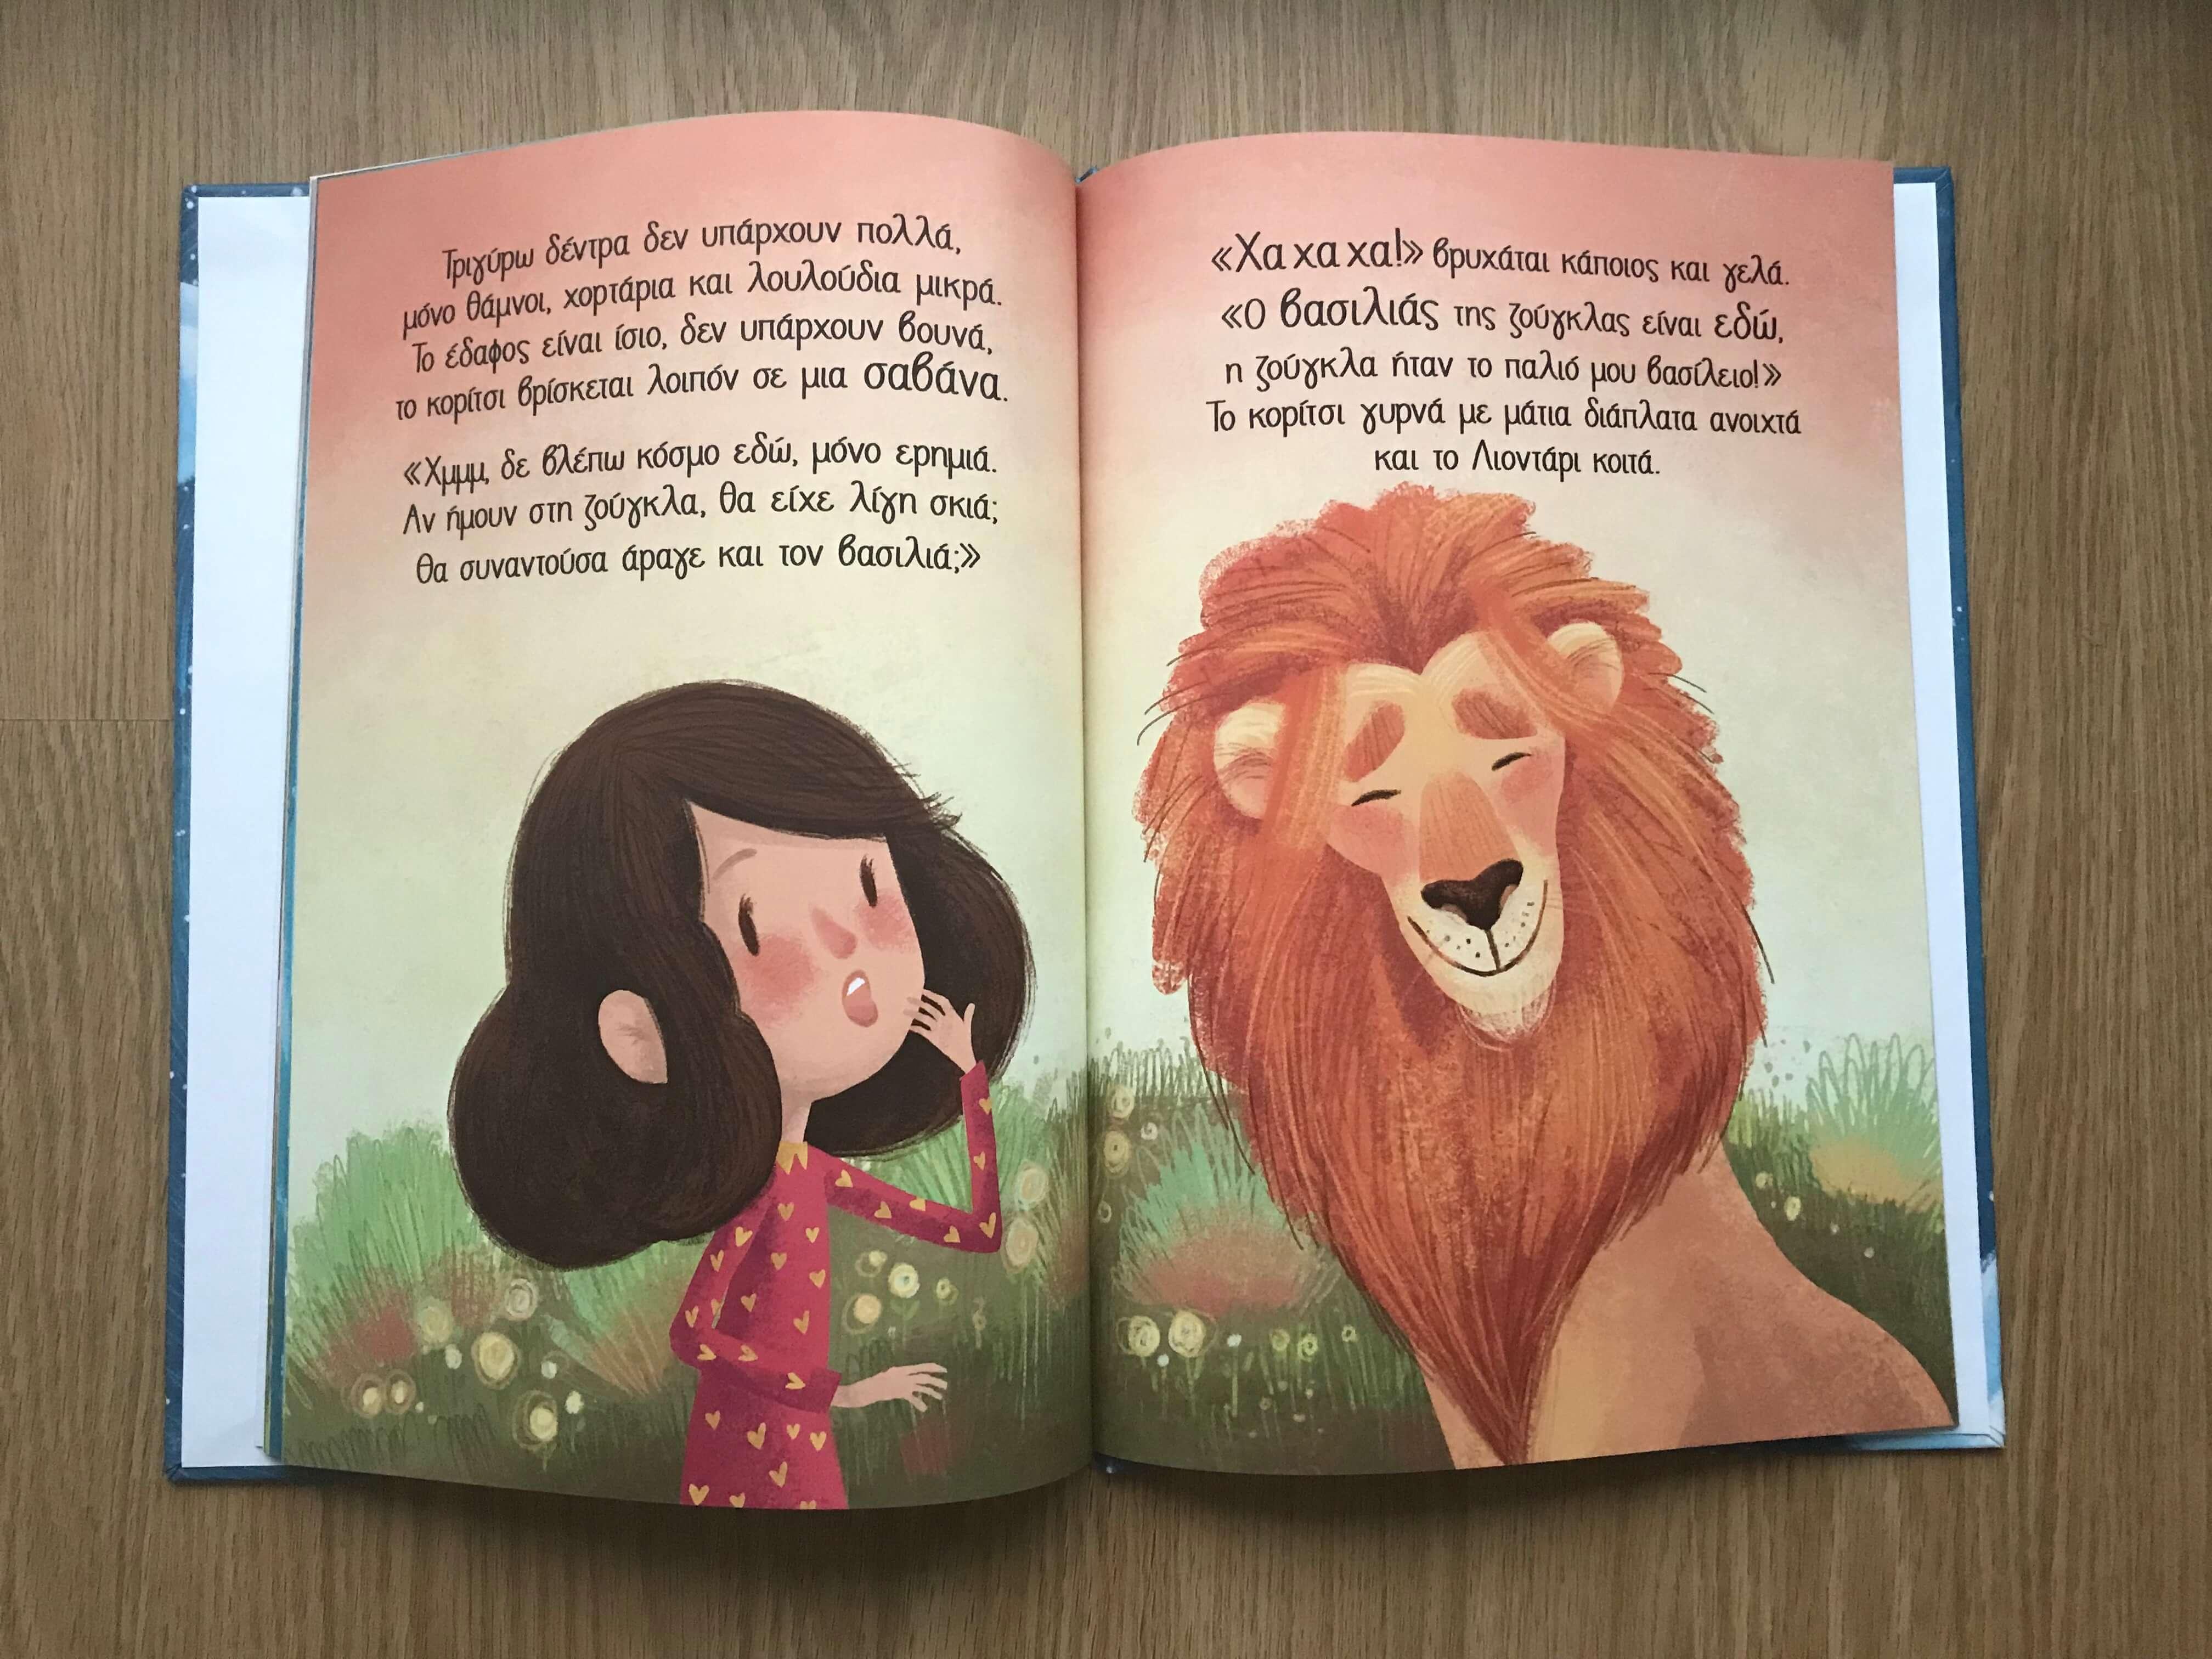 """Απόσπασμα από το προσωποποιημένο παιδικό βιβλίο """"Πού σε πάει το όνομά σου;"""" αν στο ταξίδι που θα κάνει το παιδί συναντήσει ένα Λιοντάρι!"""